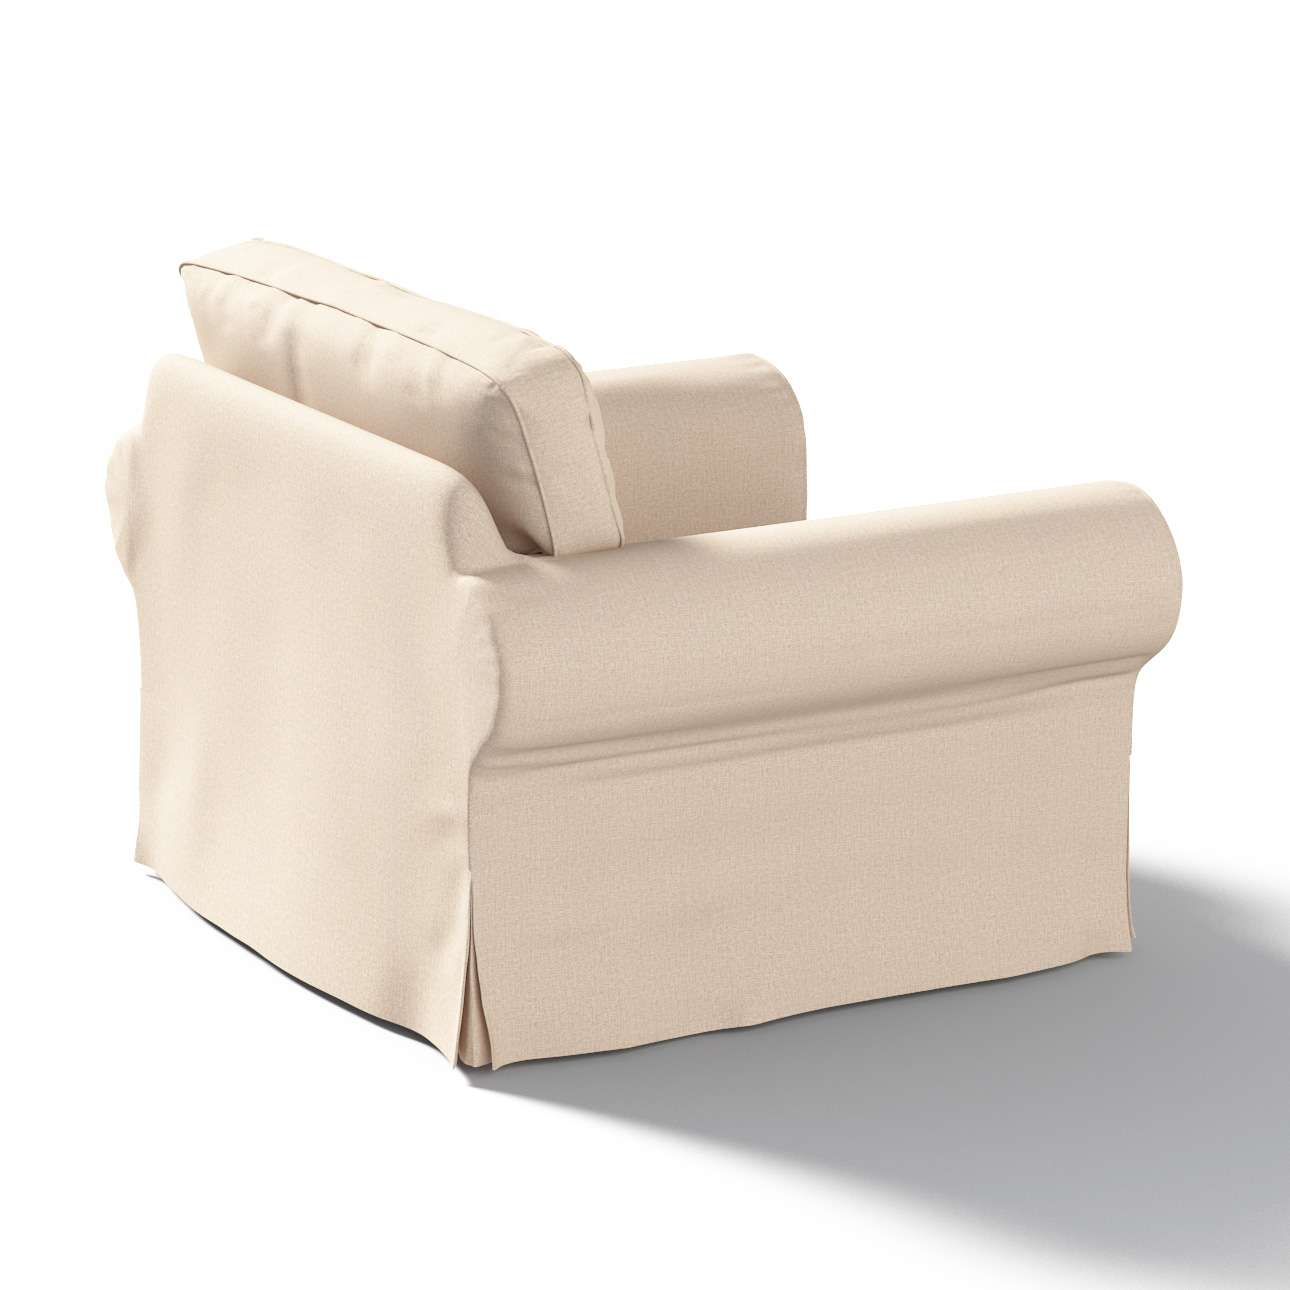 Bezug für Ektorp Sessel von der Kollektion Edinburgh, Stoff: 115-78